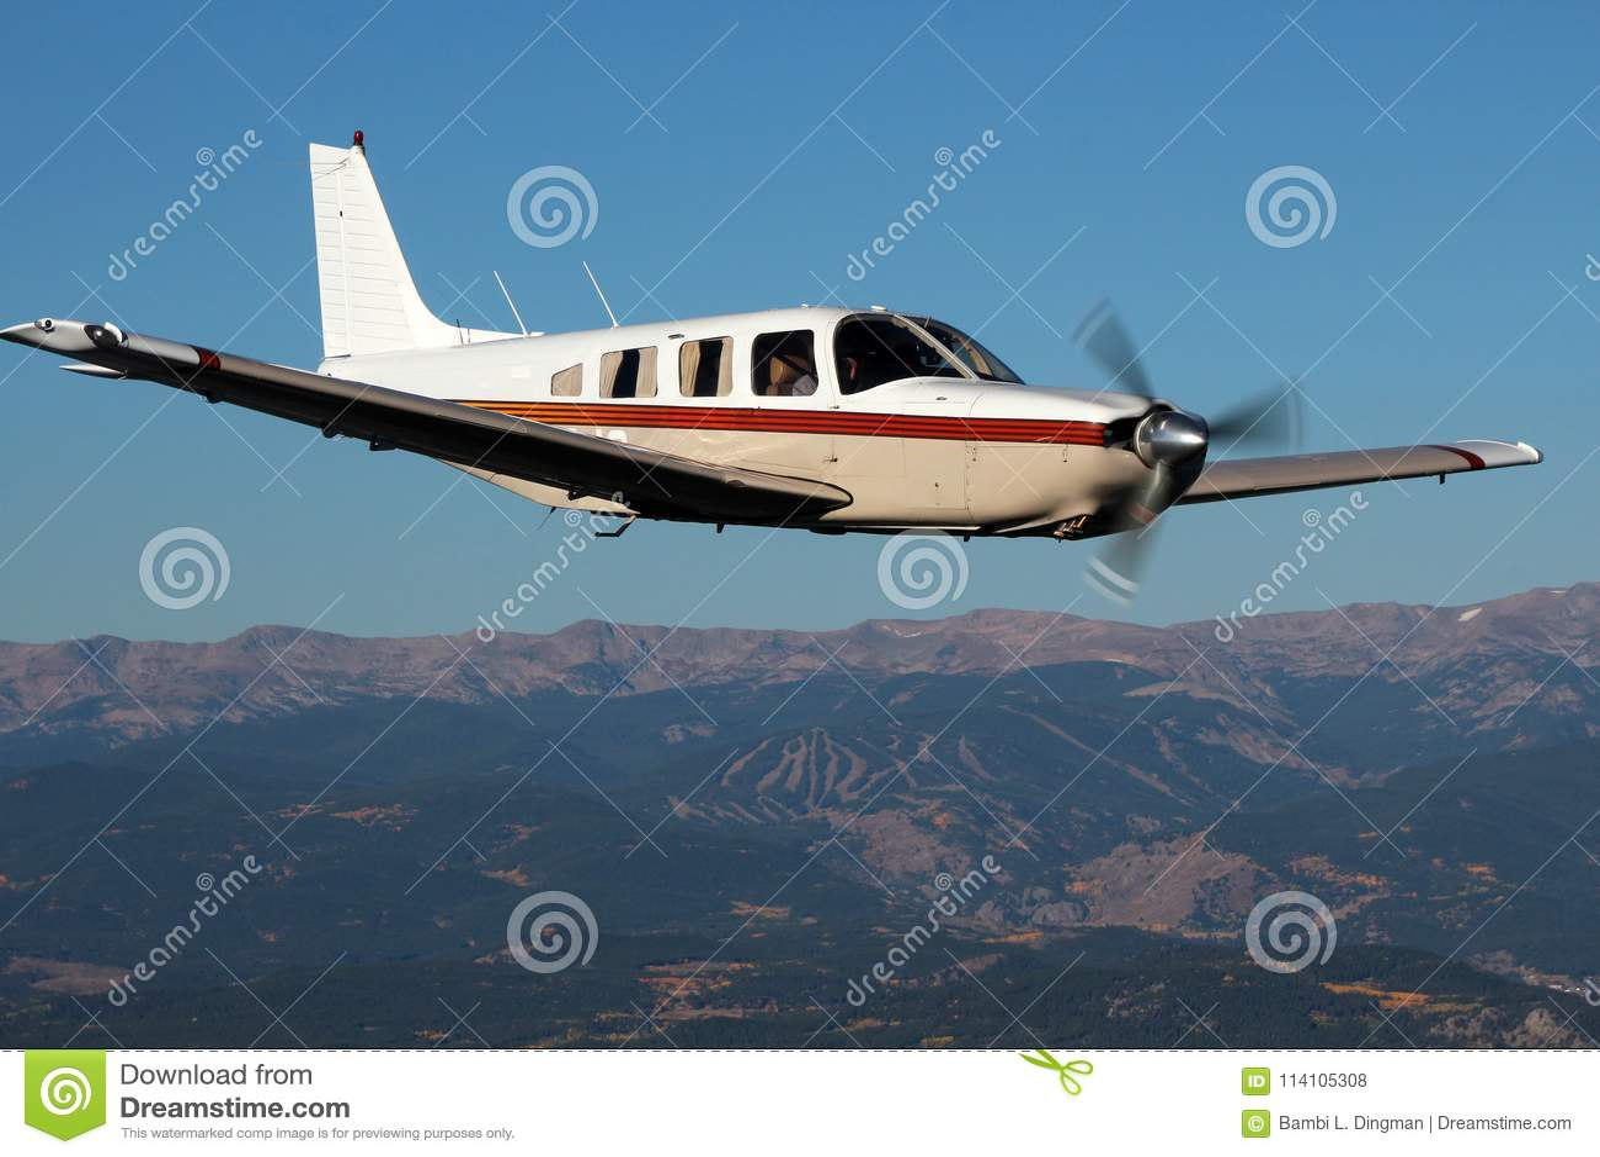 Aviación general - Piper Saratoga Aircraft